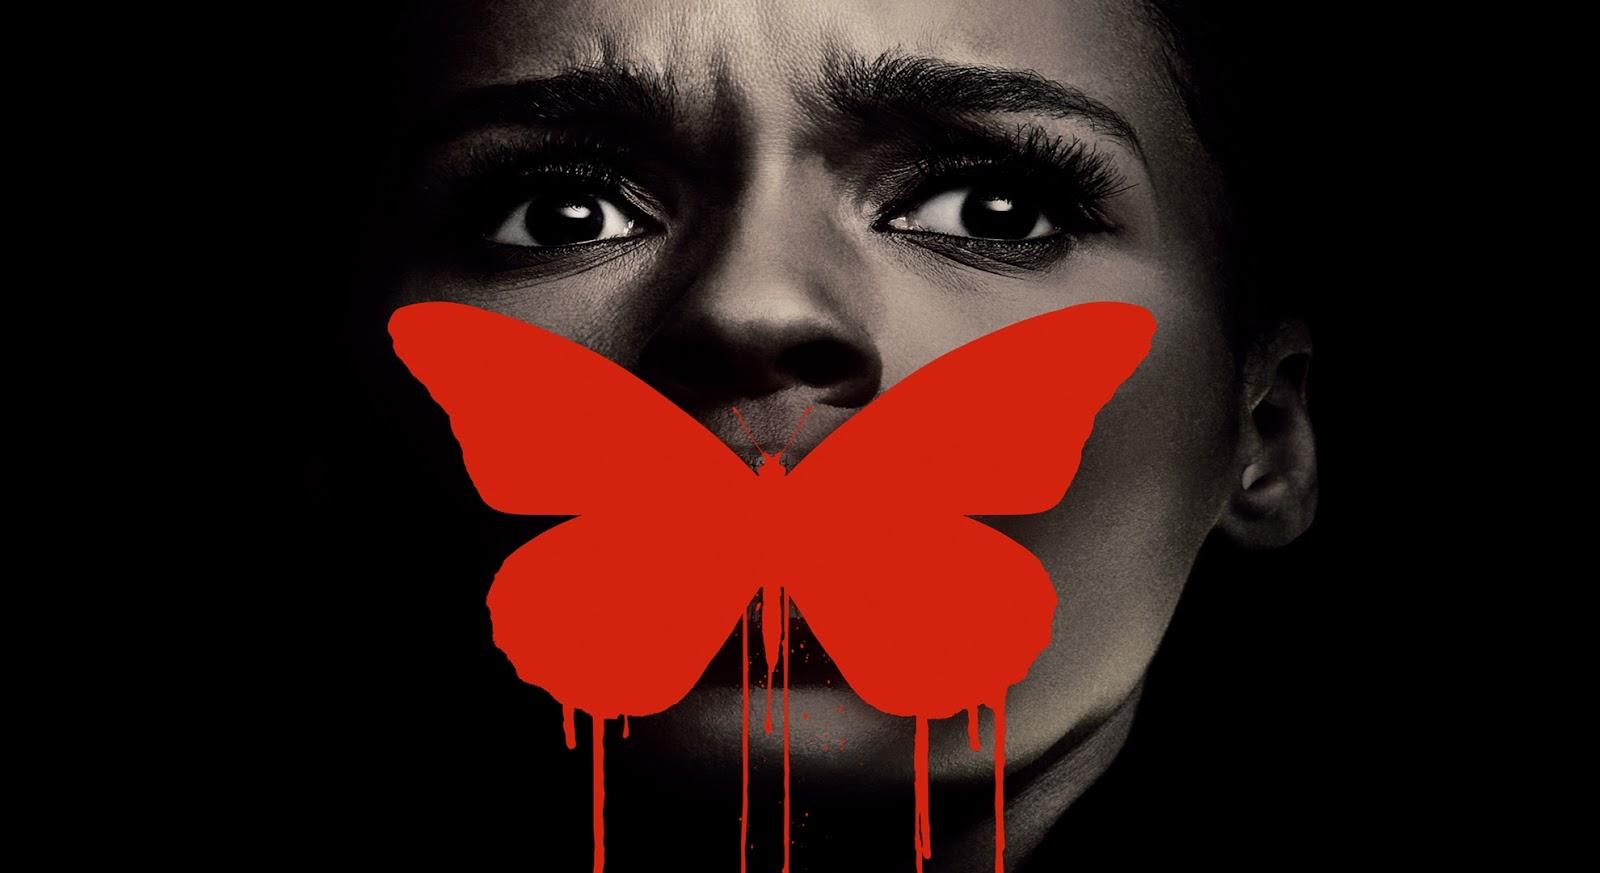 Escolhida | Filme com Janelle Monáe ganha teaser e cartaz